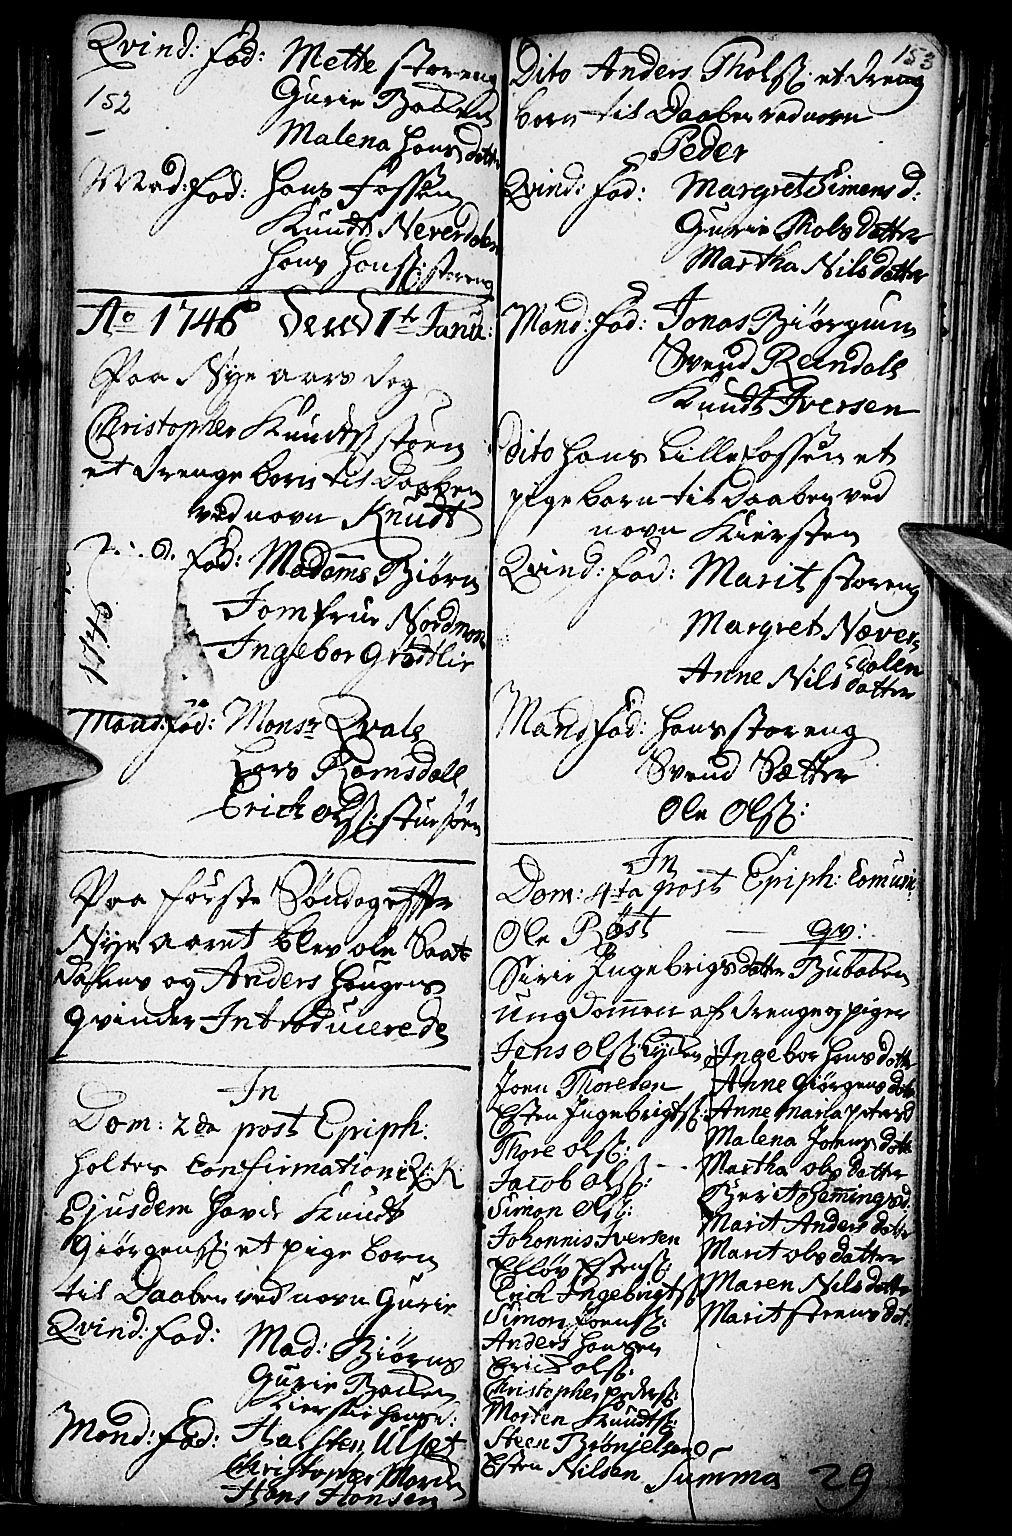 SAH, Kvikne prestekontor, Parish register (official) no. 1, 1740-1756, p. 152-153